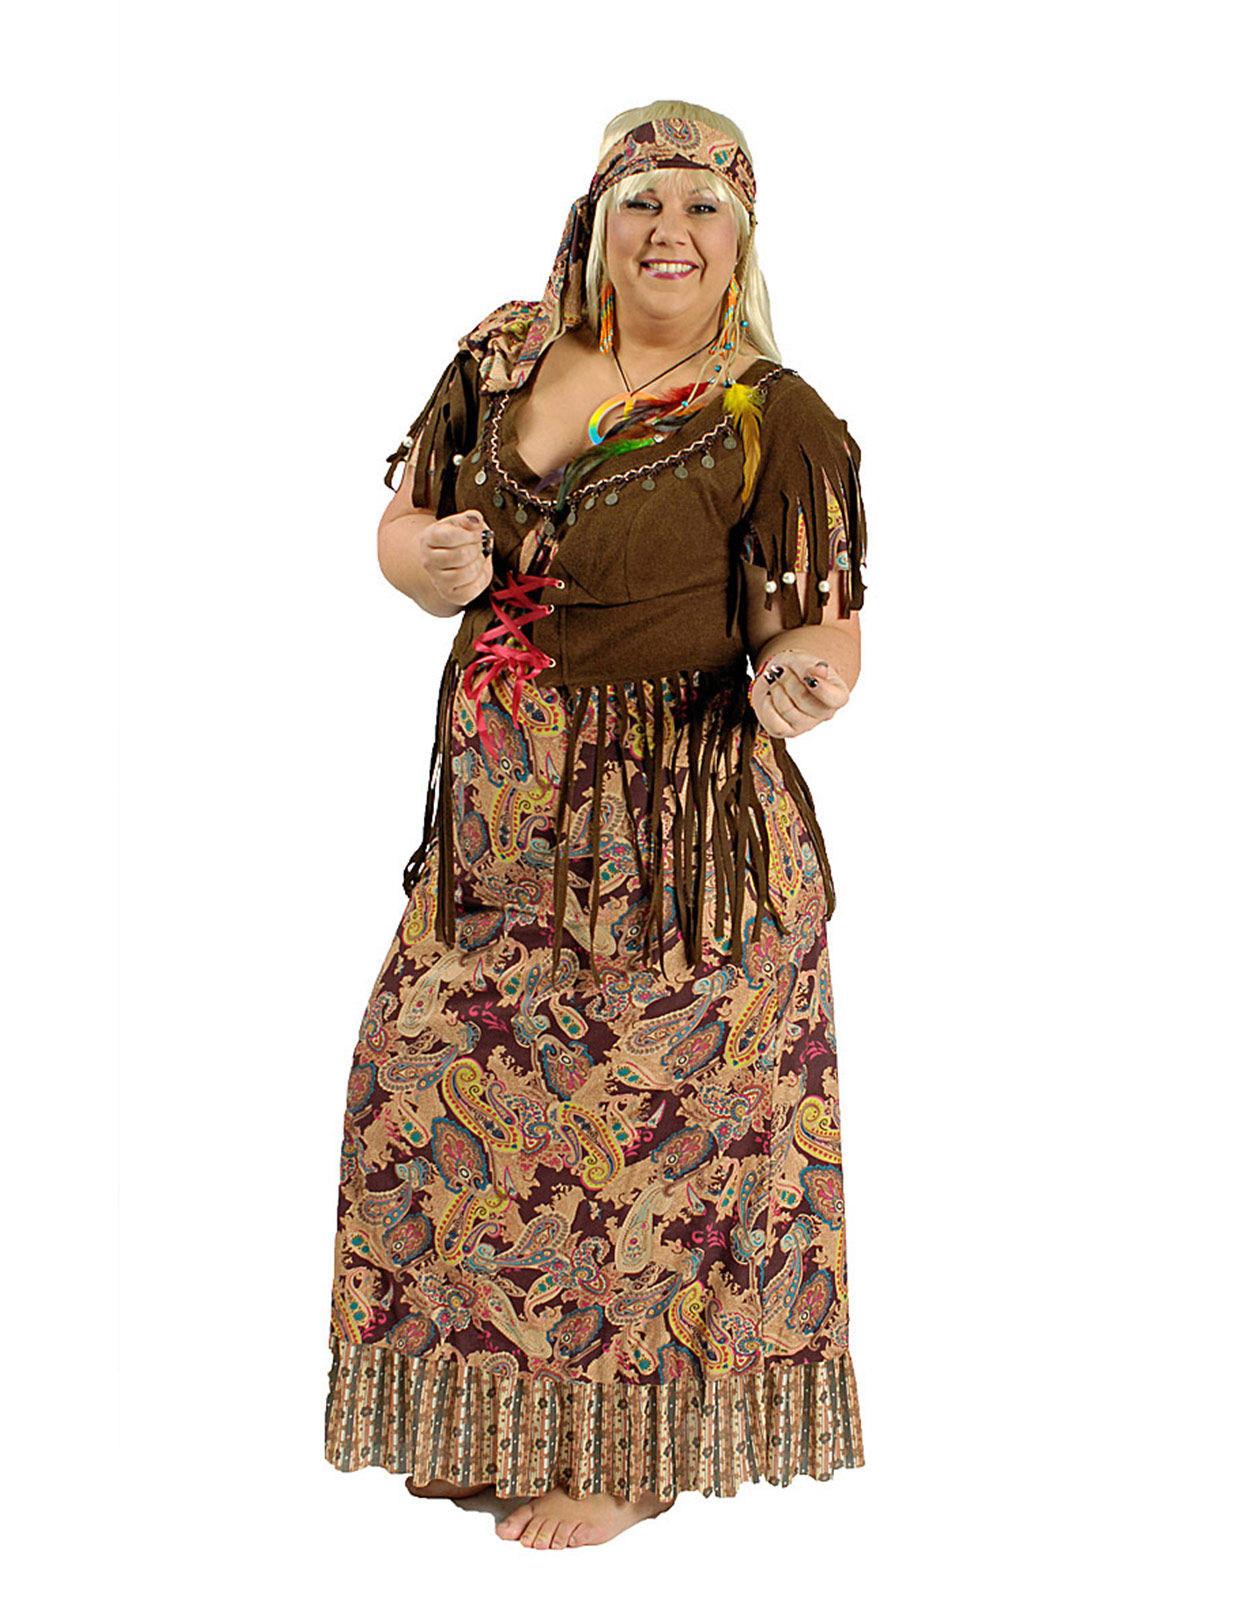 c6360f74ca0ea 60er-Jahre Hippie-Verkleidung Damenkostüm braun-bunt  Kostüme für ...